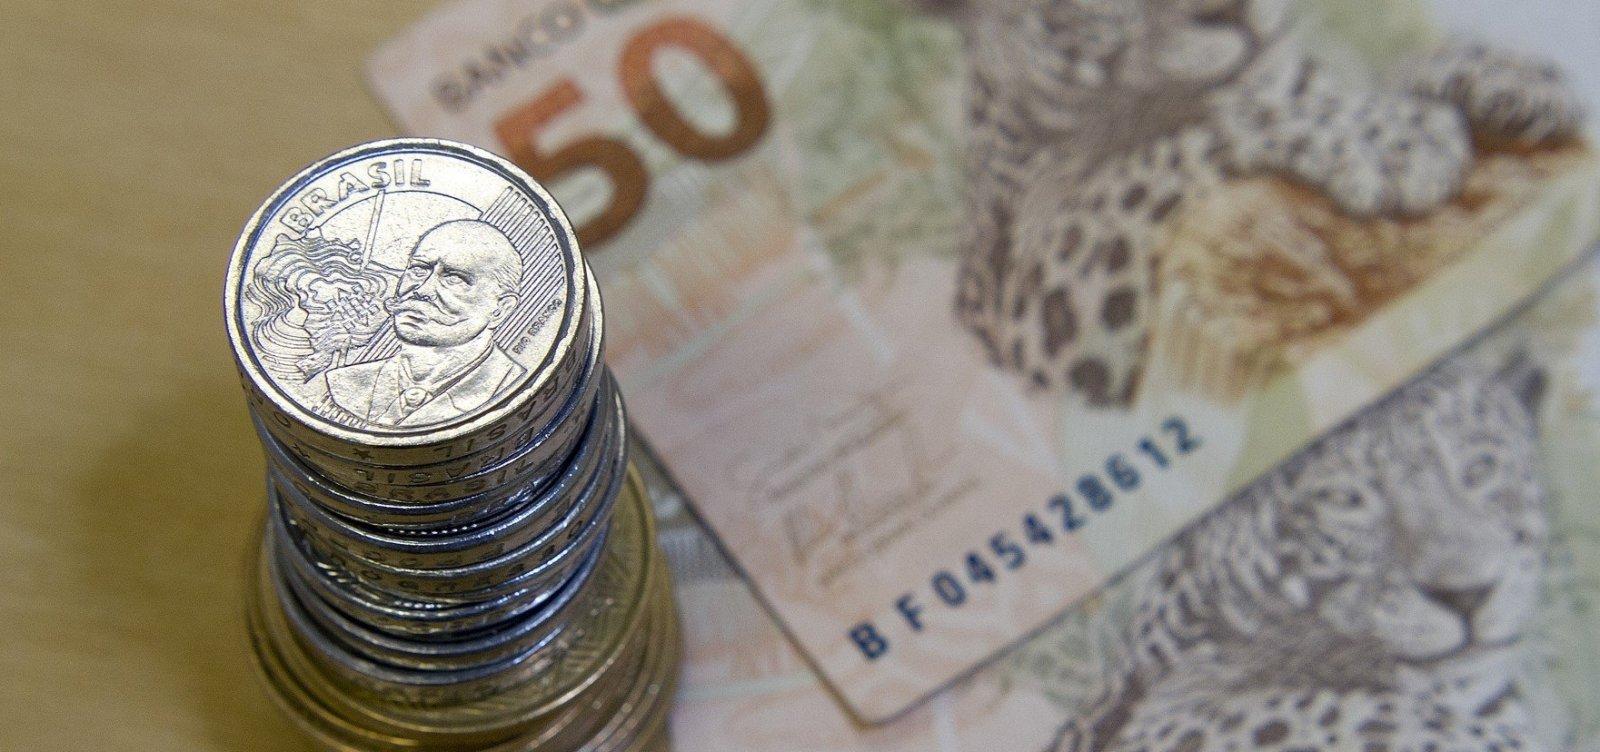 [Pagamento do 13º deve injetar mais de R$ 200 bi na economia brasileira]